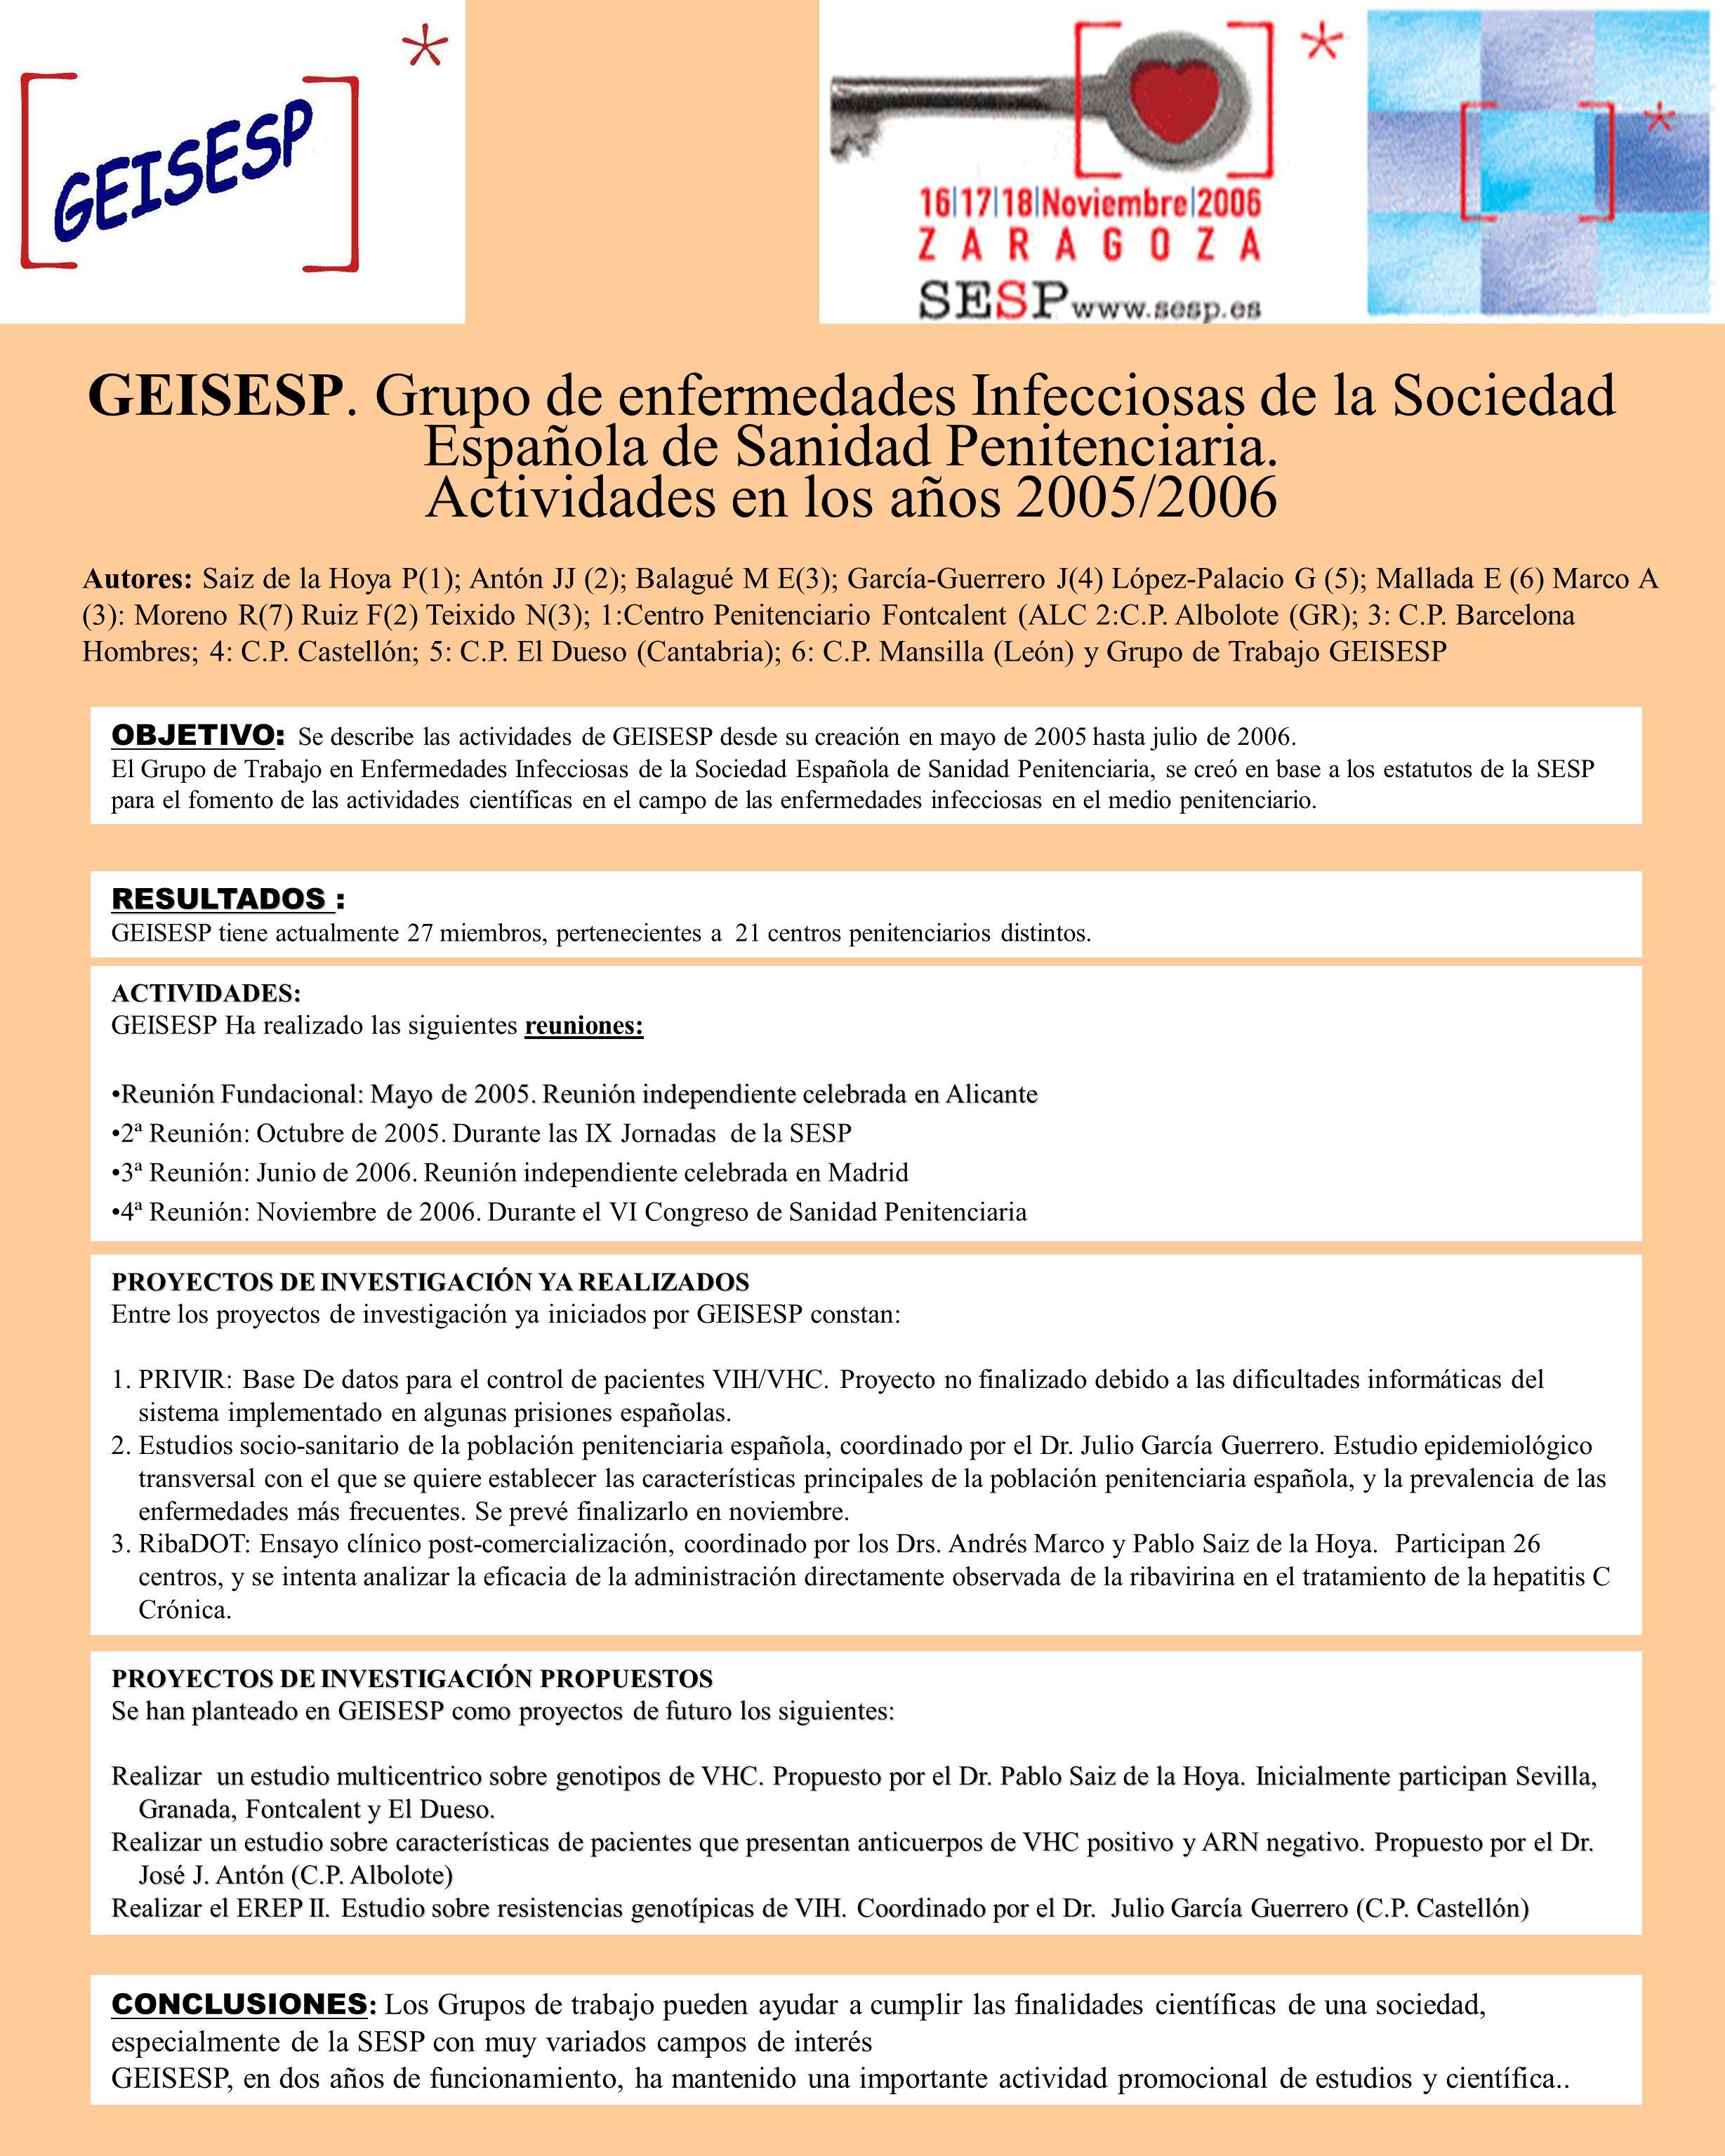 GEISESP. Grupo de enfermedades Infecciosas de la Sociedad Española de Sanidad Penitenciaria. Actividades en los años 2005/2006